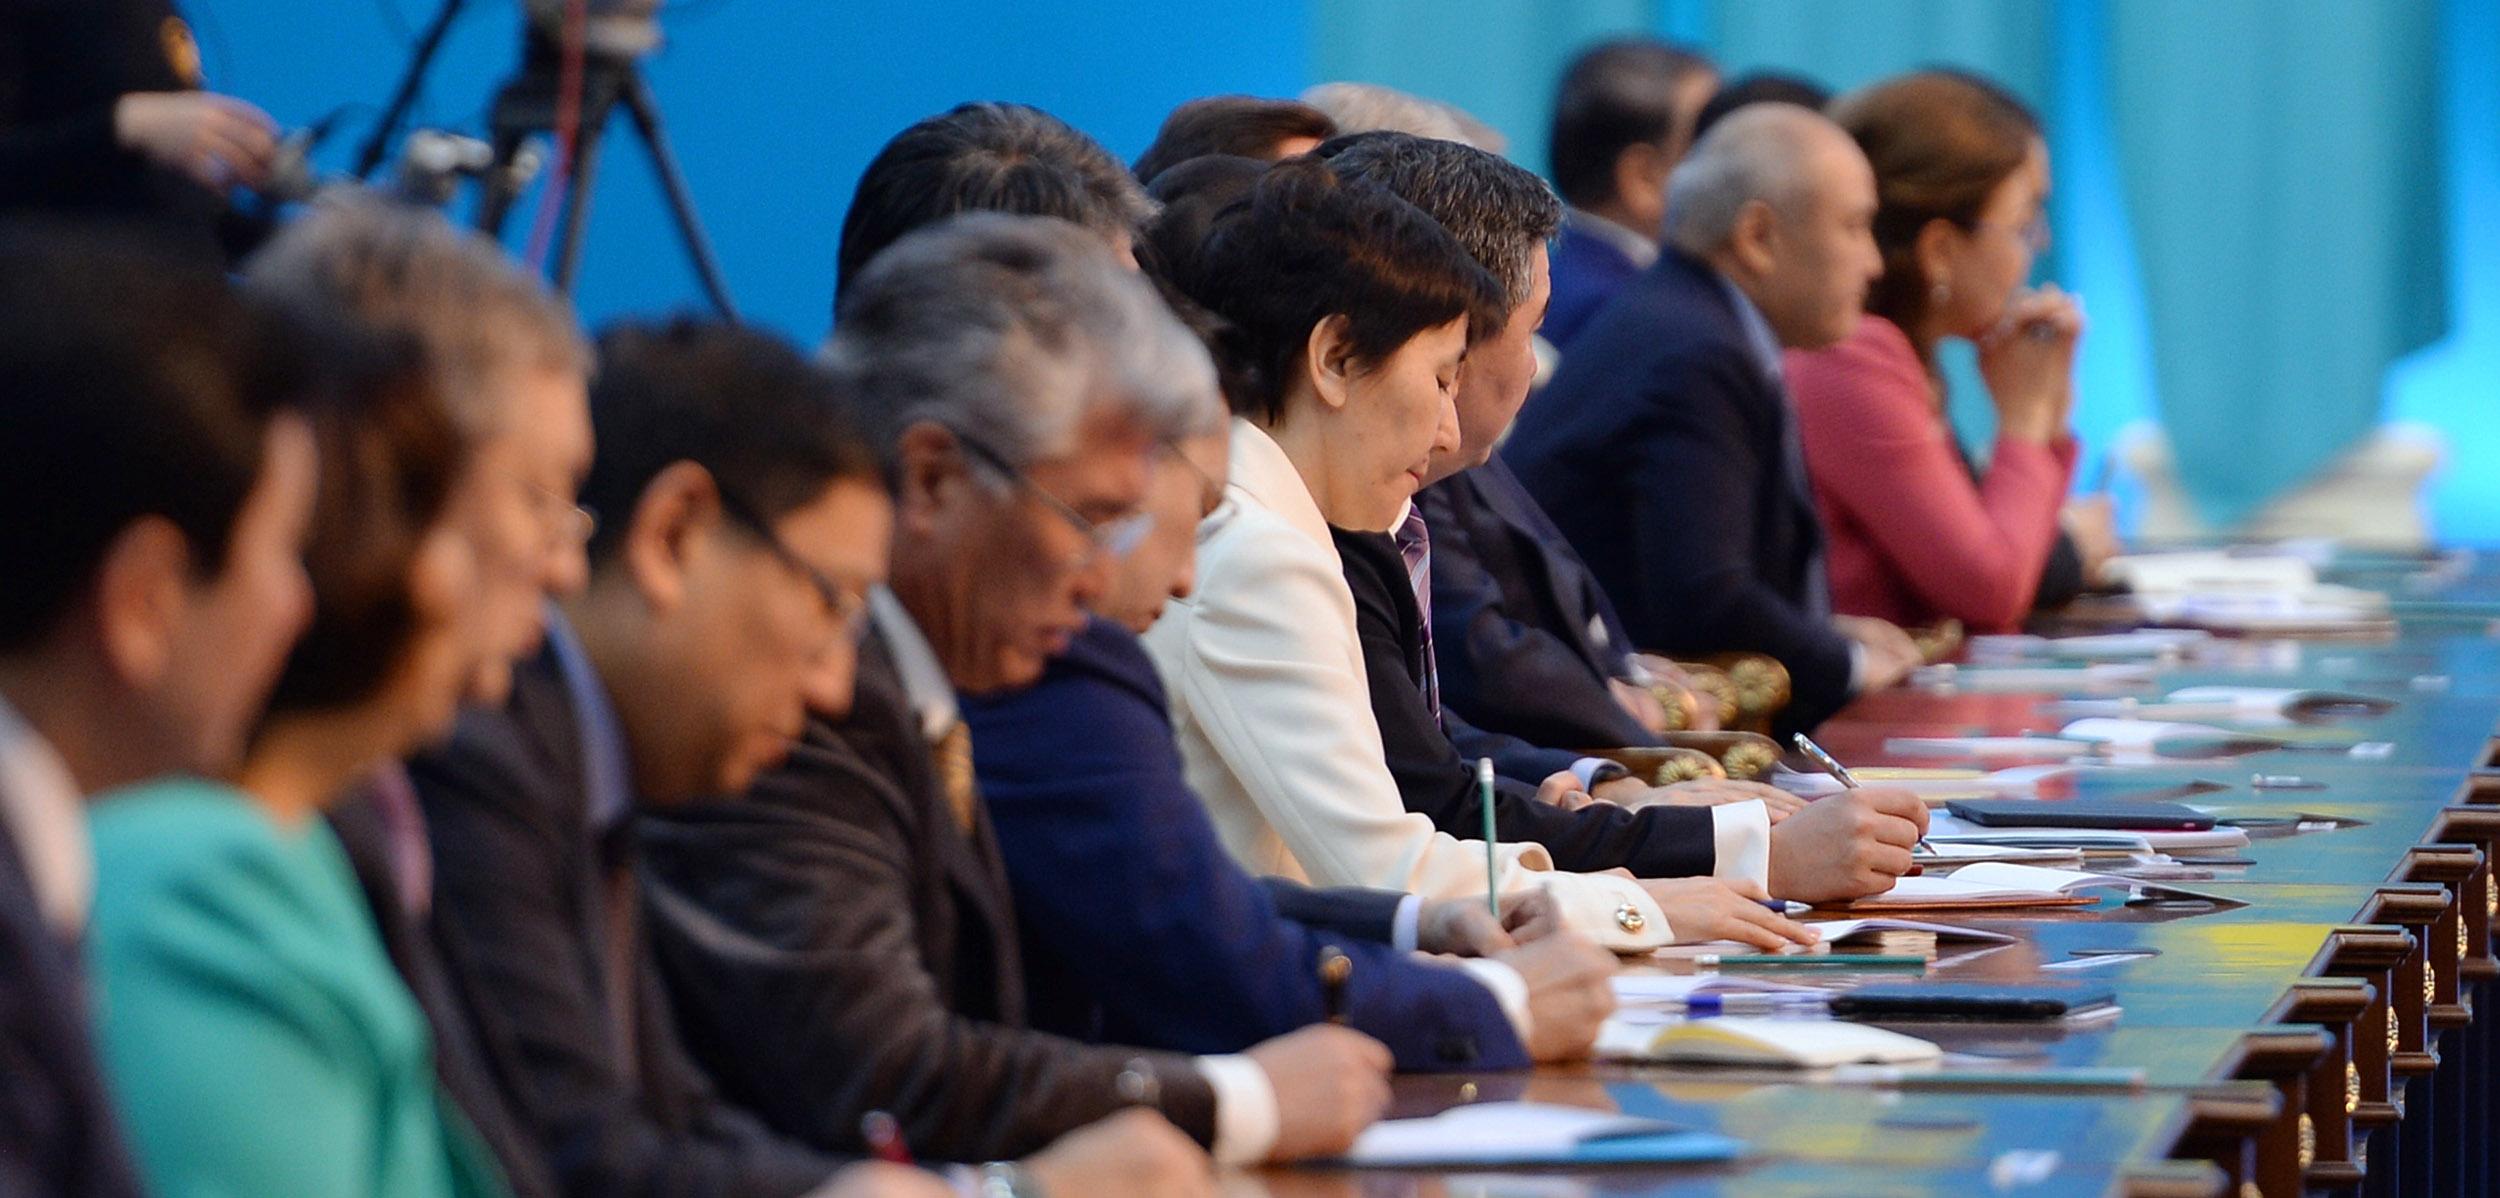 纳扎尔巴耶夫总统发表题为《全球新形势下的哈萨克斯坦:增长、改革、发展》的国情咨文(全文)